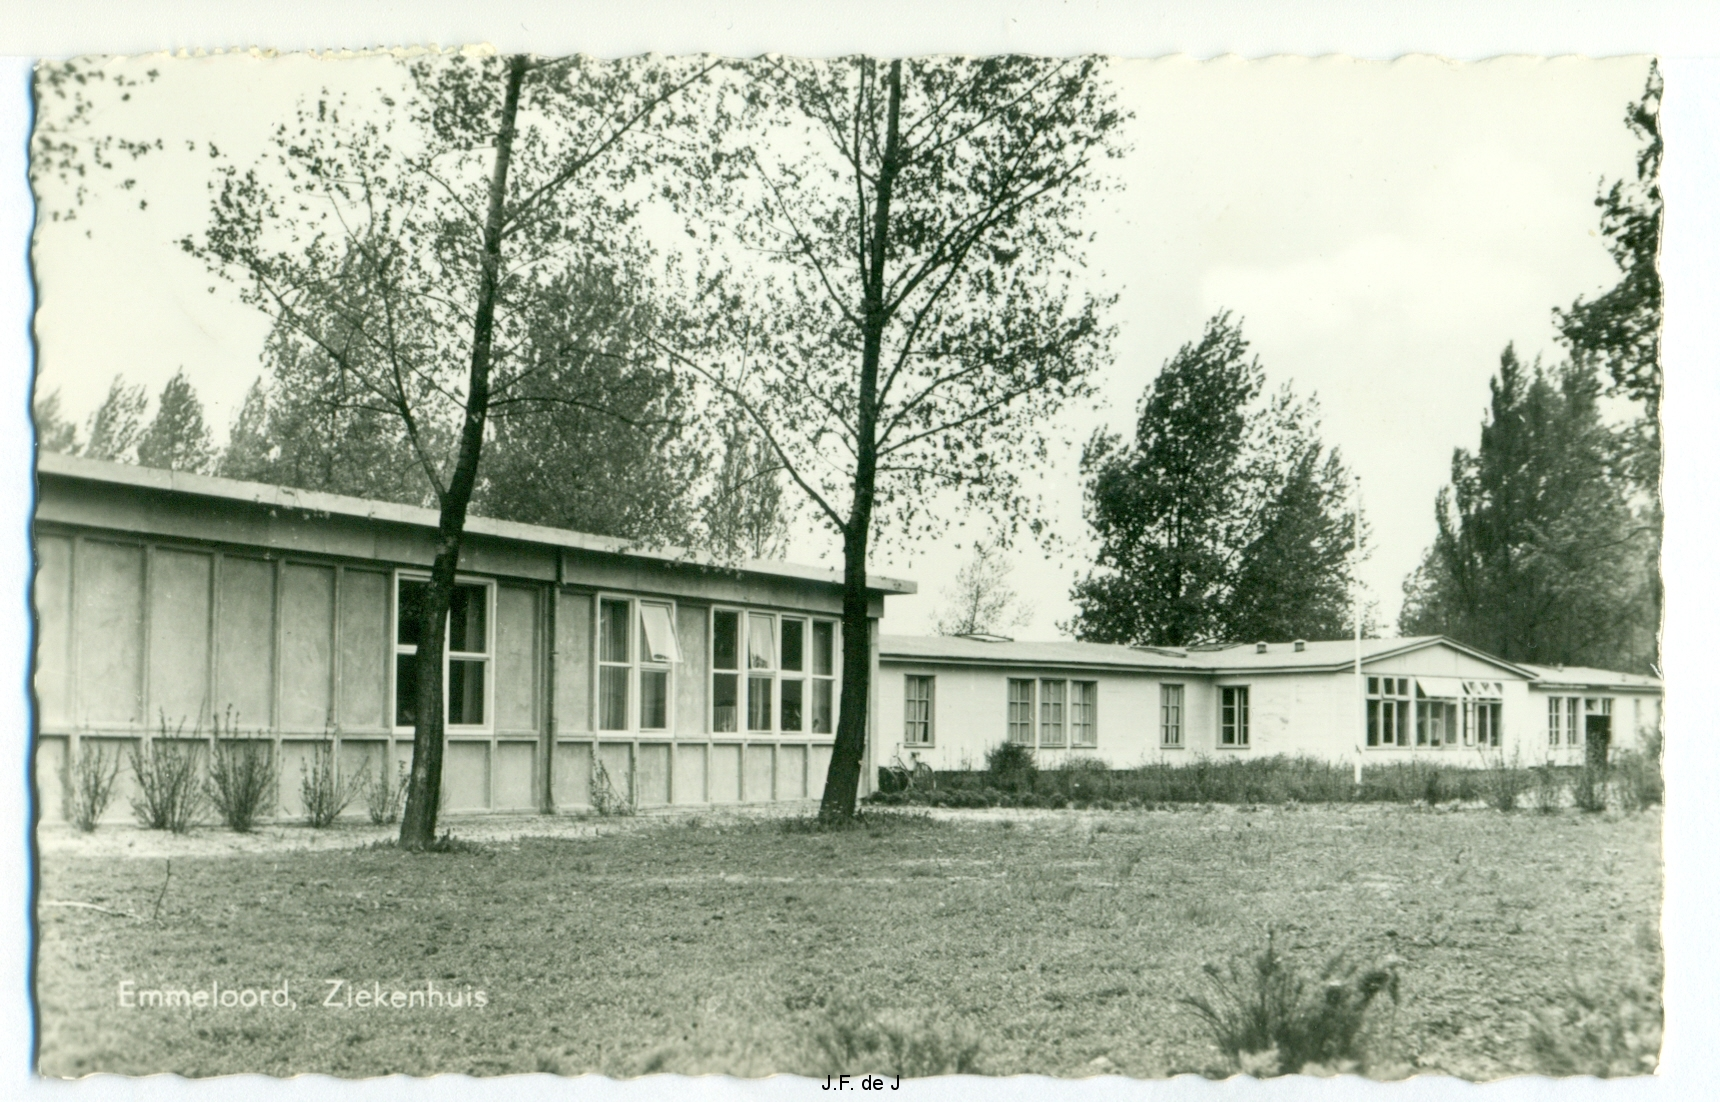 Ziekenhuis Emmeloord